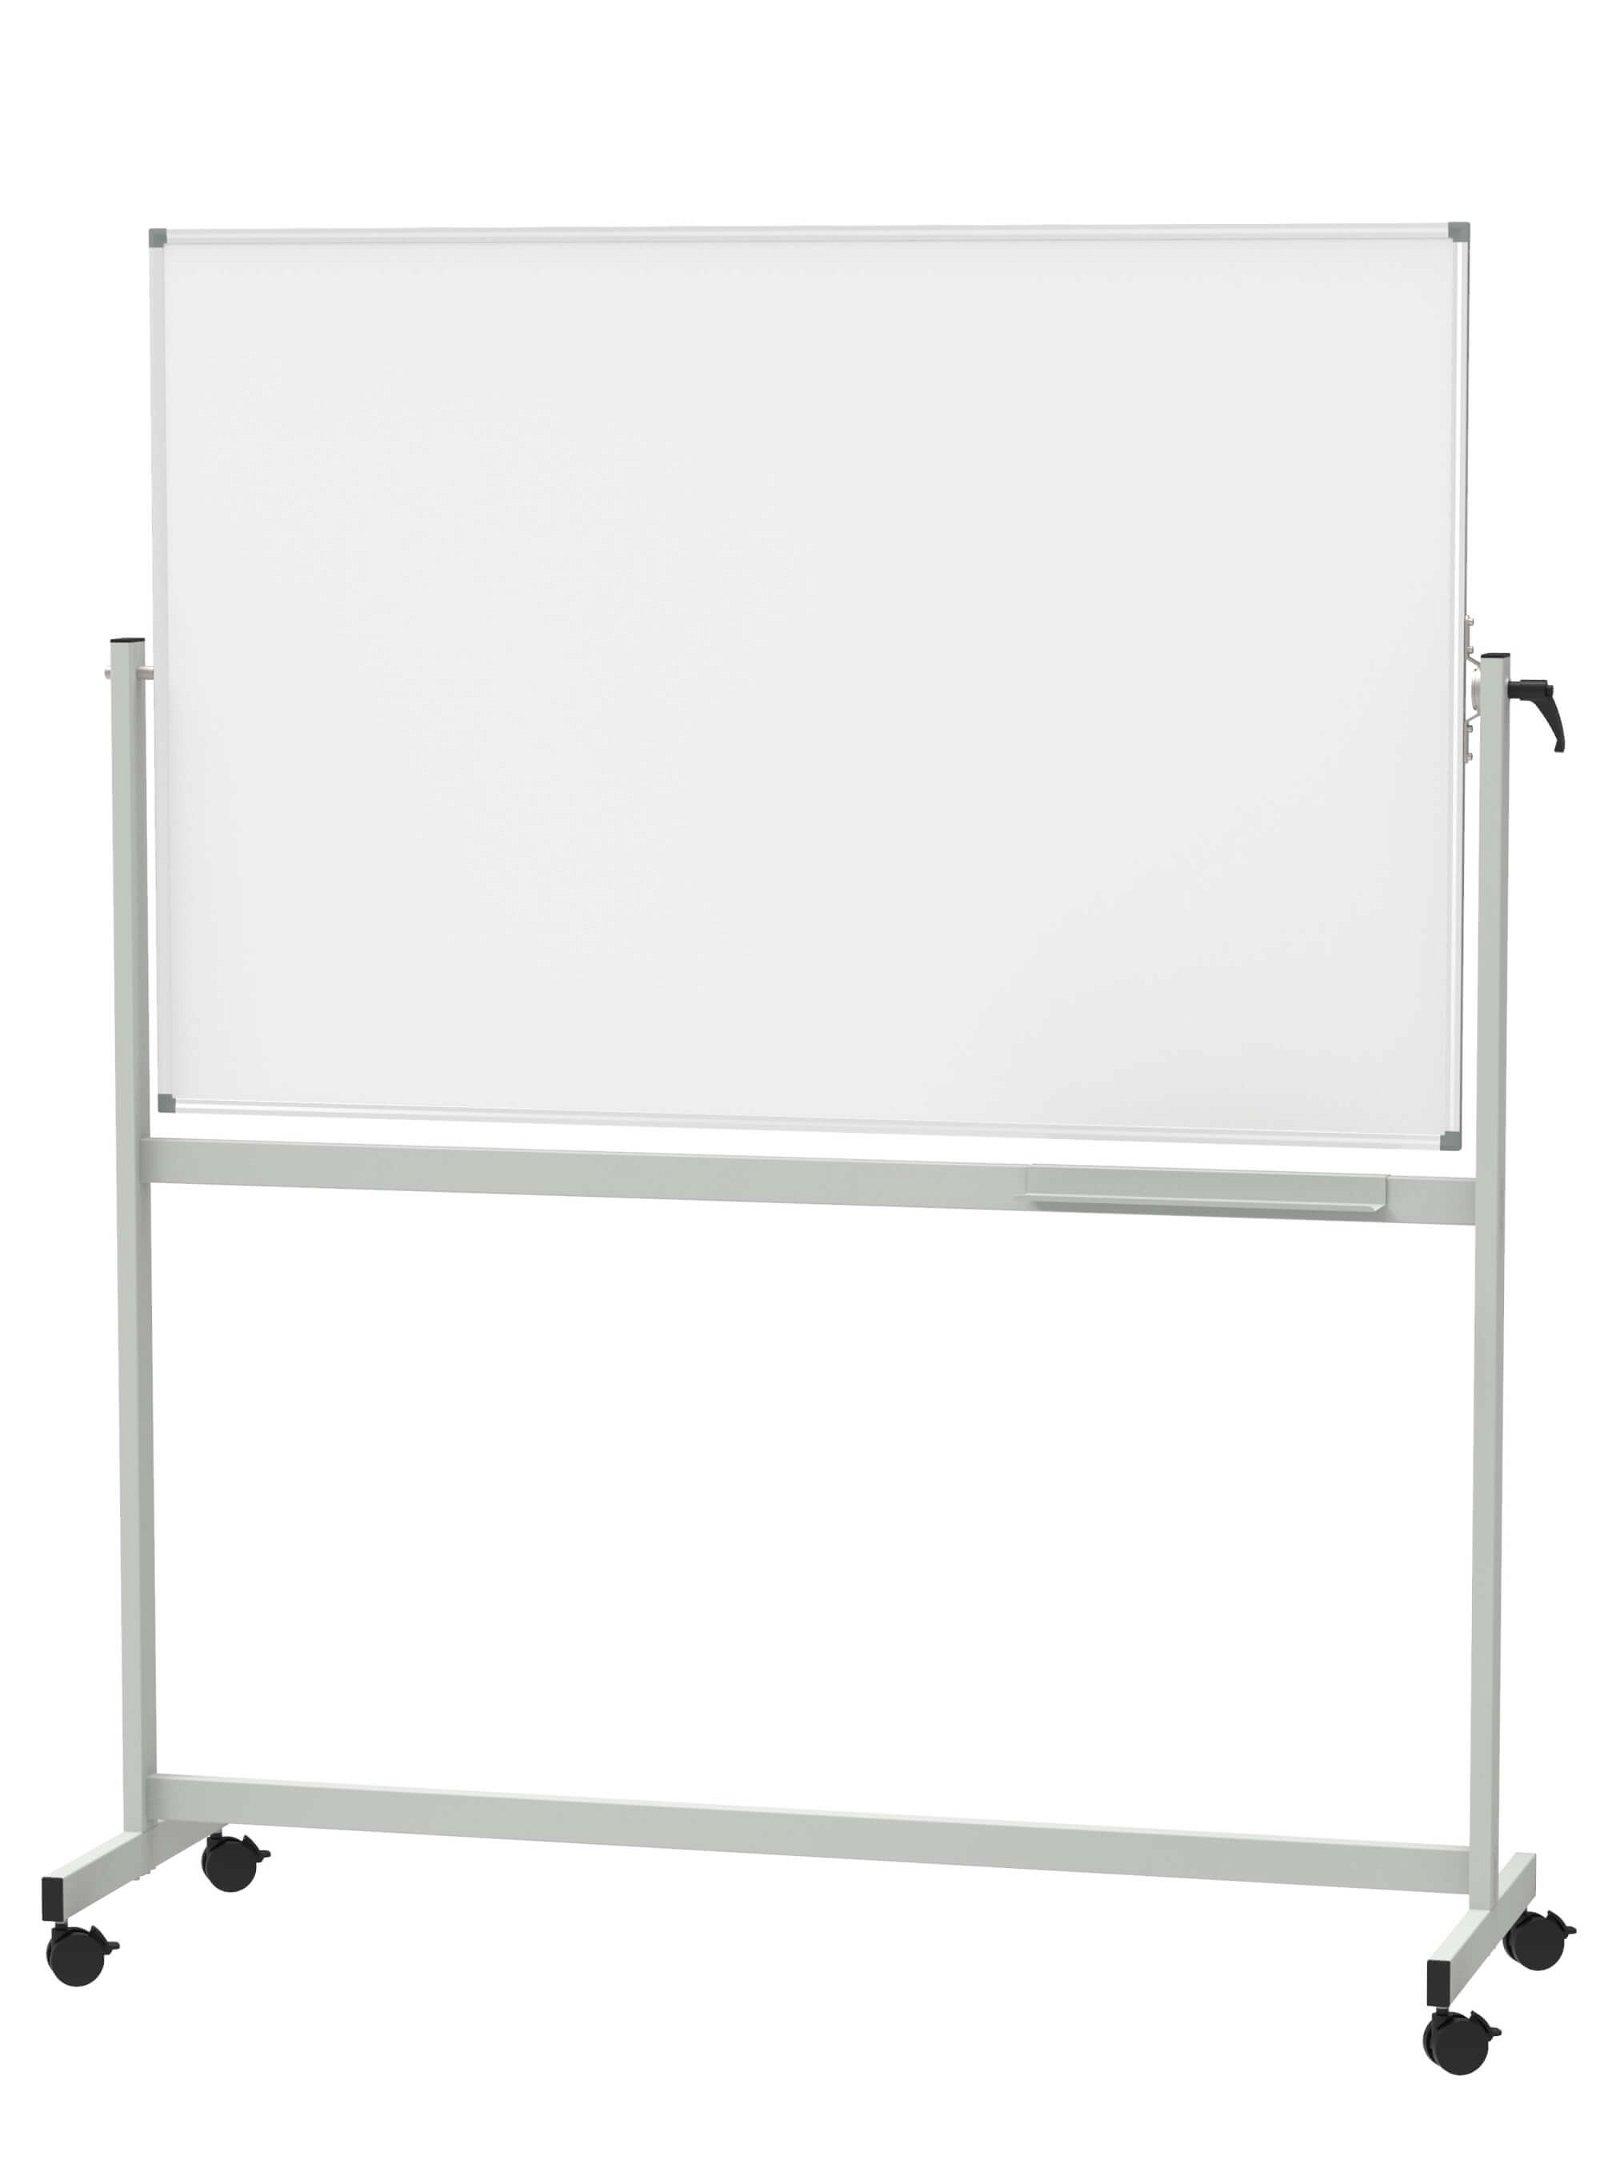 Mobiles Whiteboard, MAUL- standard, drehbar, 100x150 cm, grau